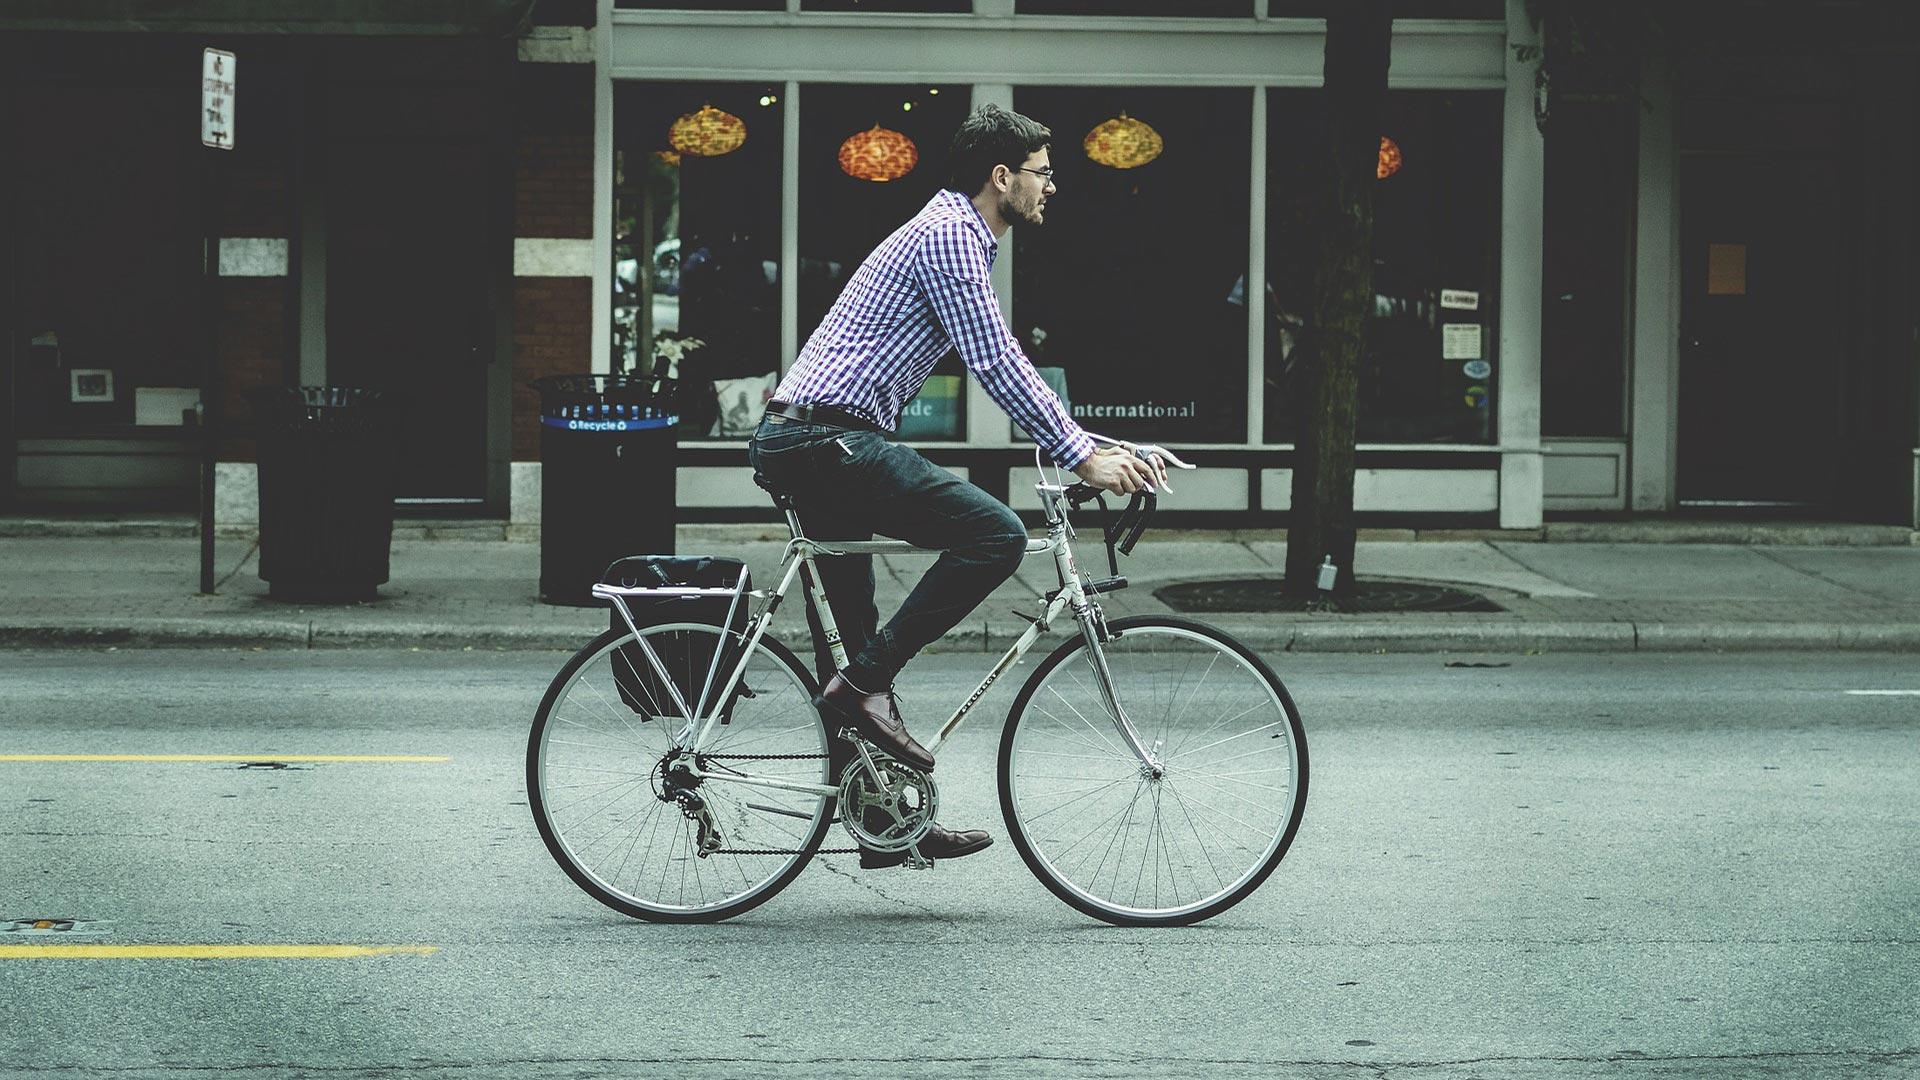 Für eine Verkehrswende ohne soziale Schieflage